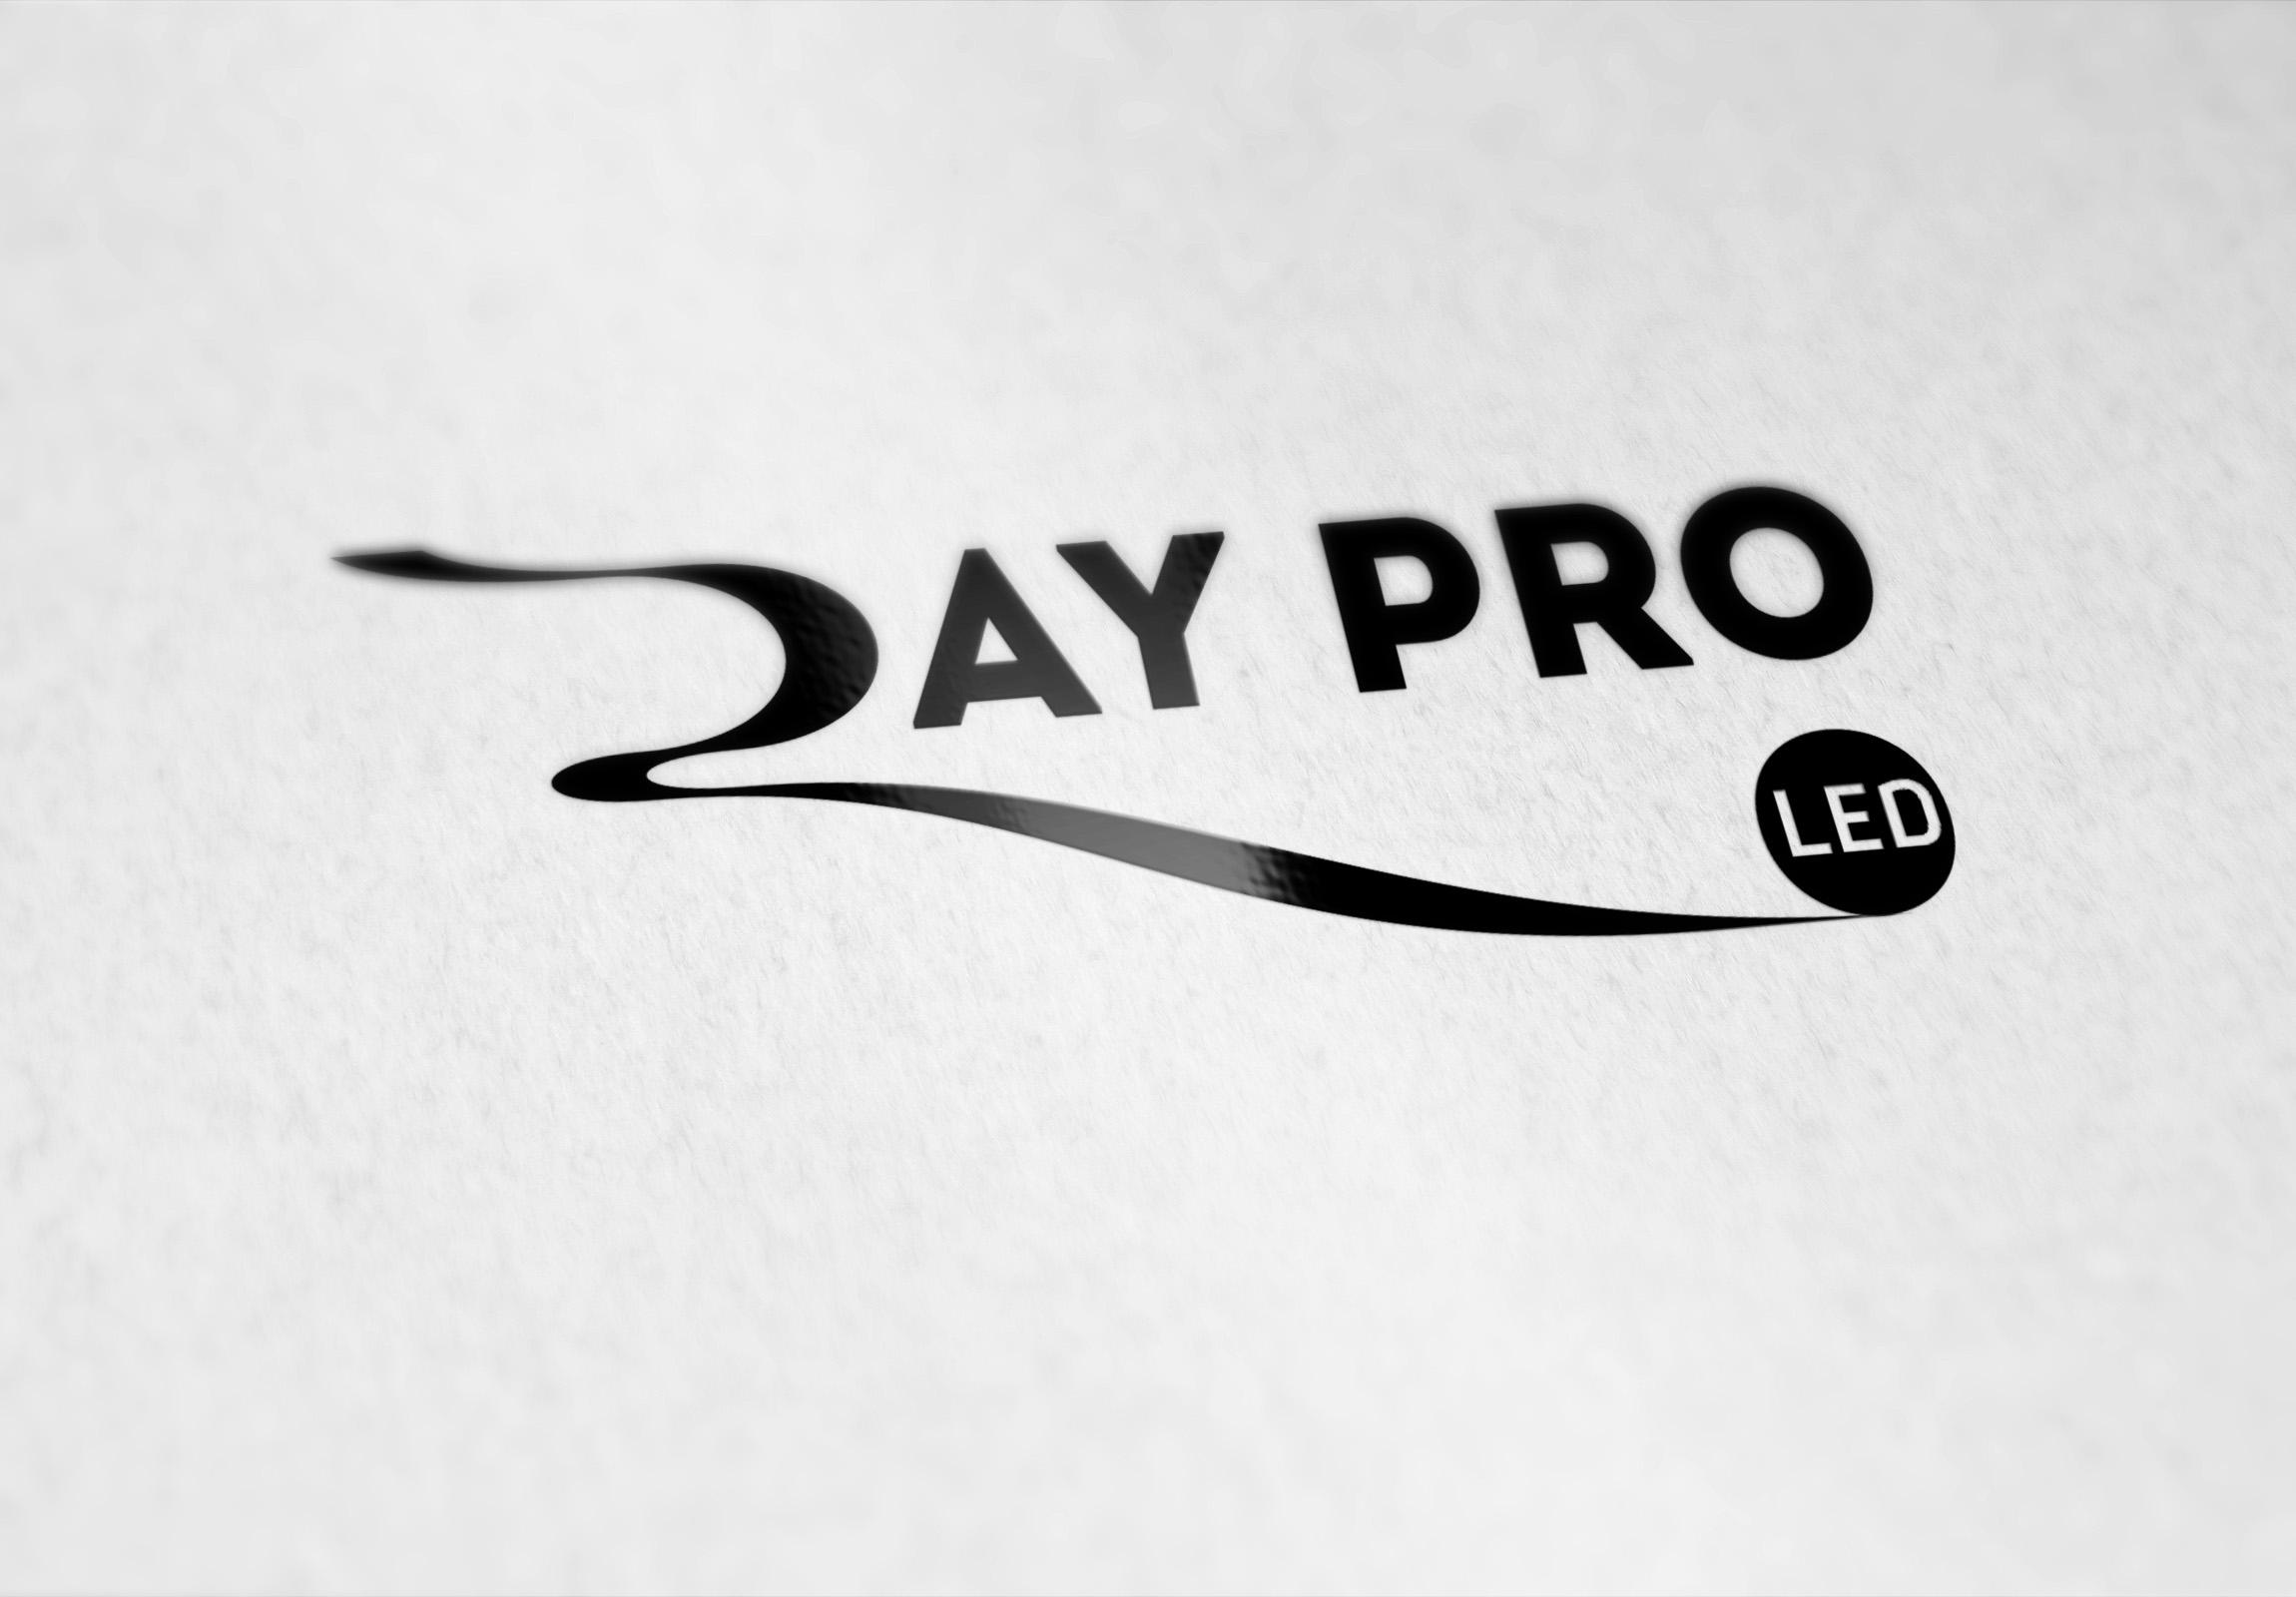 Разработка логотипа (продукт - светодиодная лента) фото f_1965bc073182b9fd.jpg